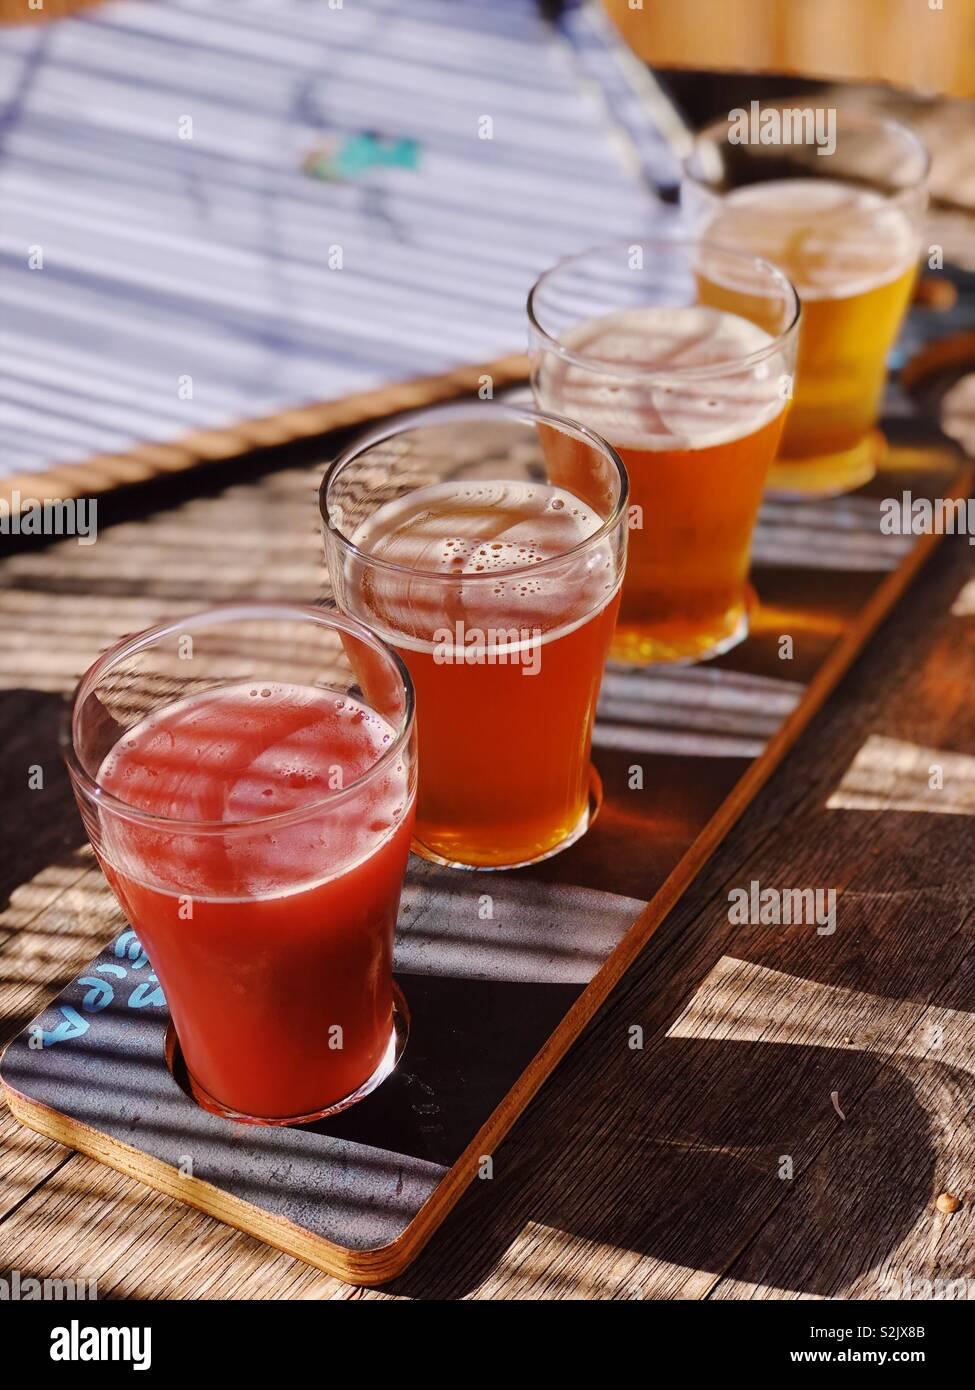 Paleta de cerveza Imagen De Stock